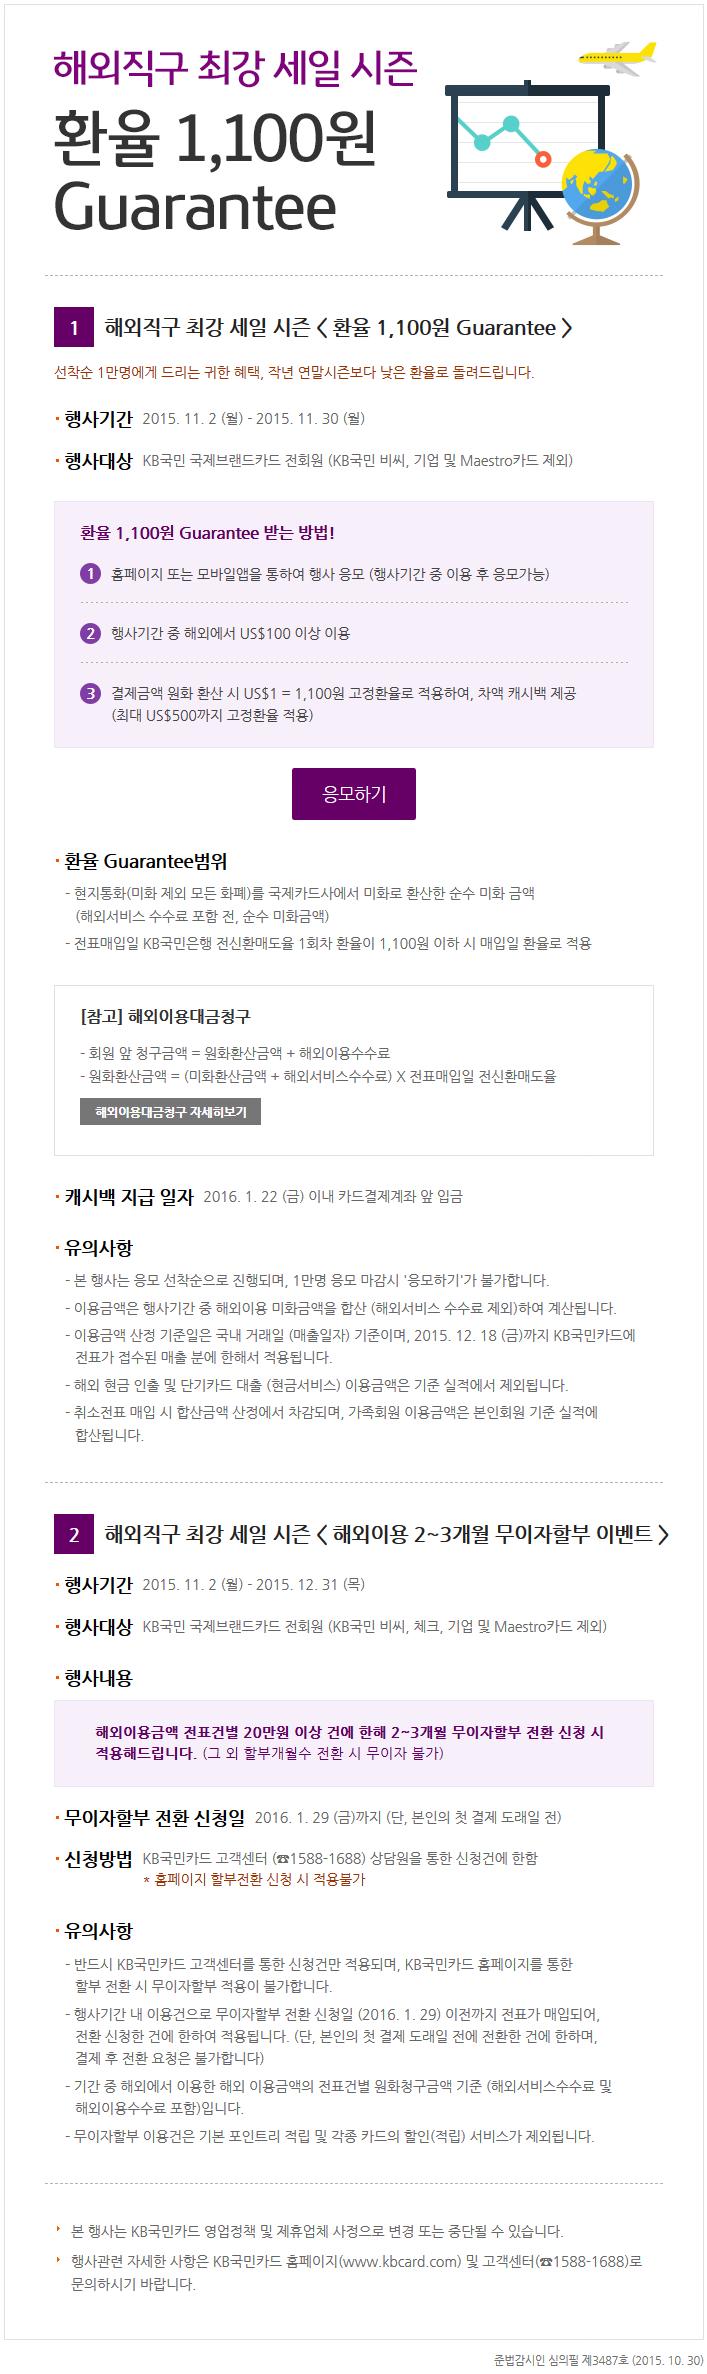 [종료] 국민카드 해외직구 환율 보장이벤트